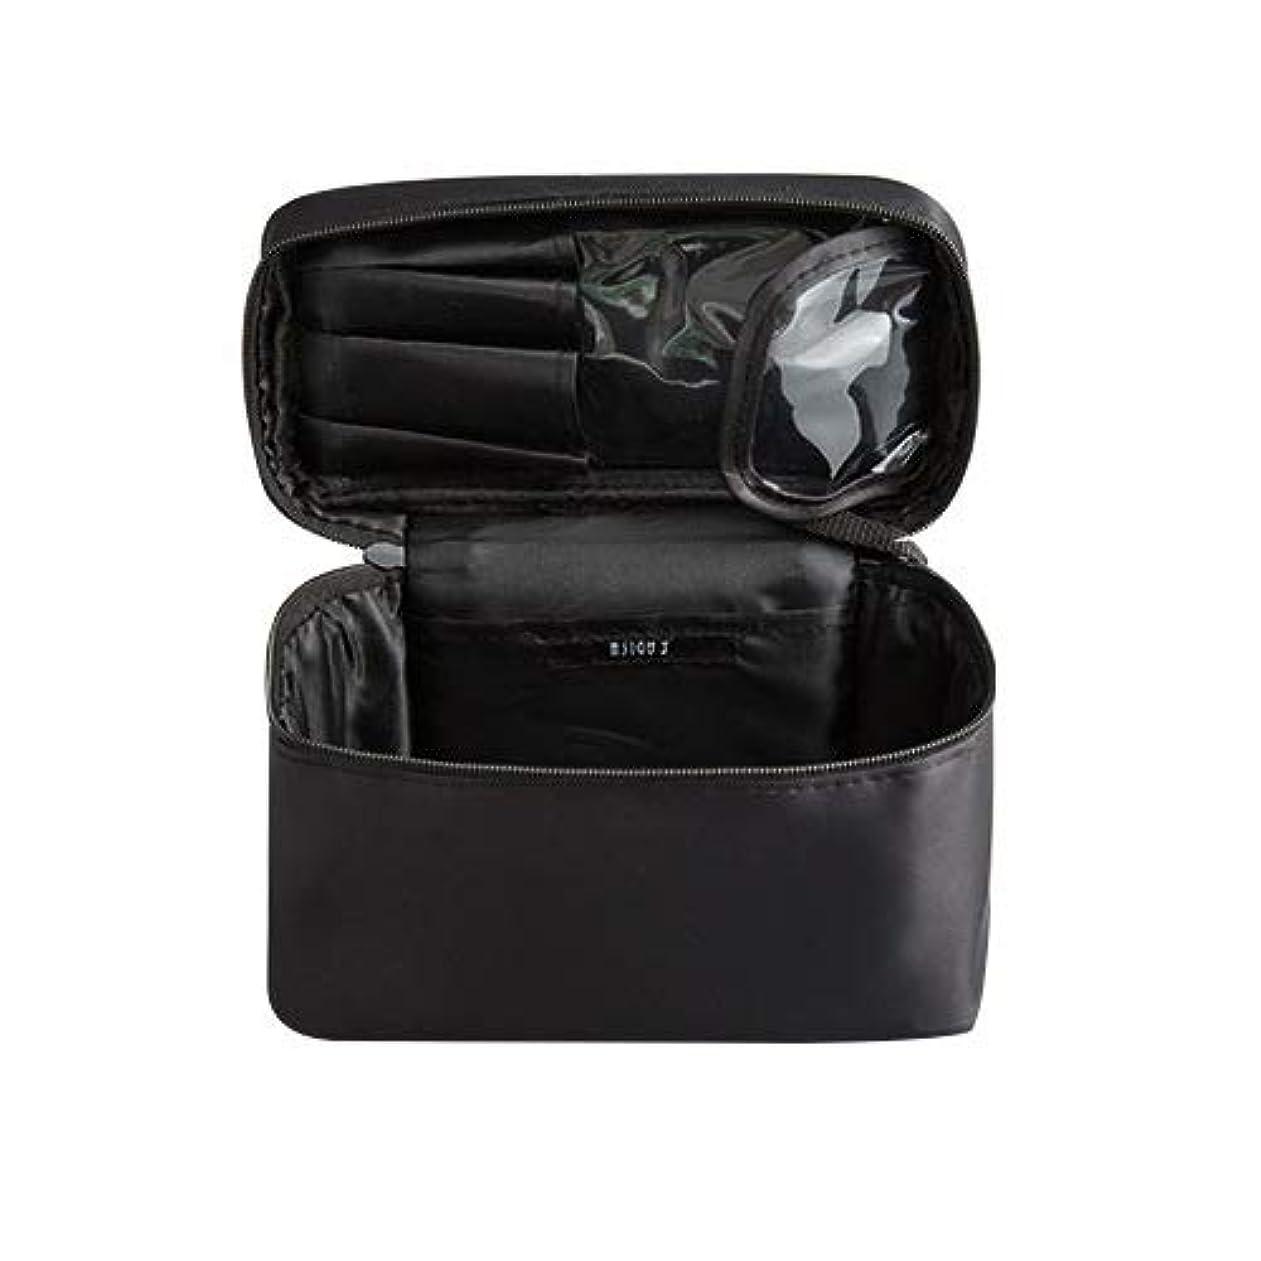 多様性バタフライサポートメイクボックス プロ用 化粧バッグ 化粧箱 大容量 普段使い 出張 旅行 トラベルポーチ